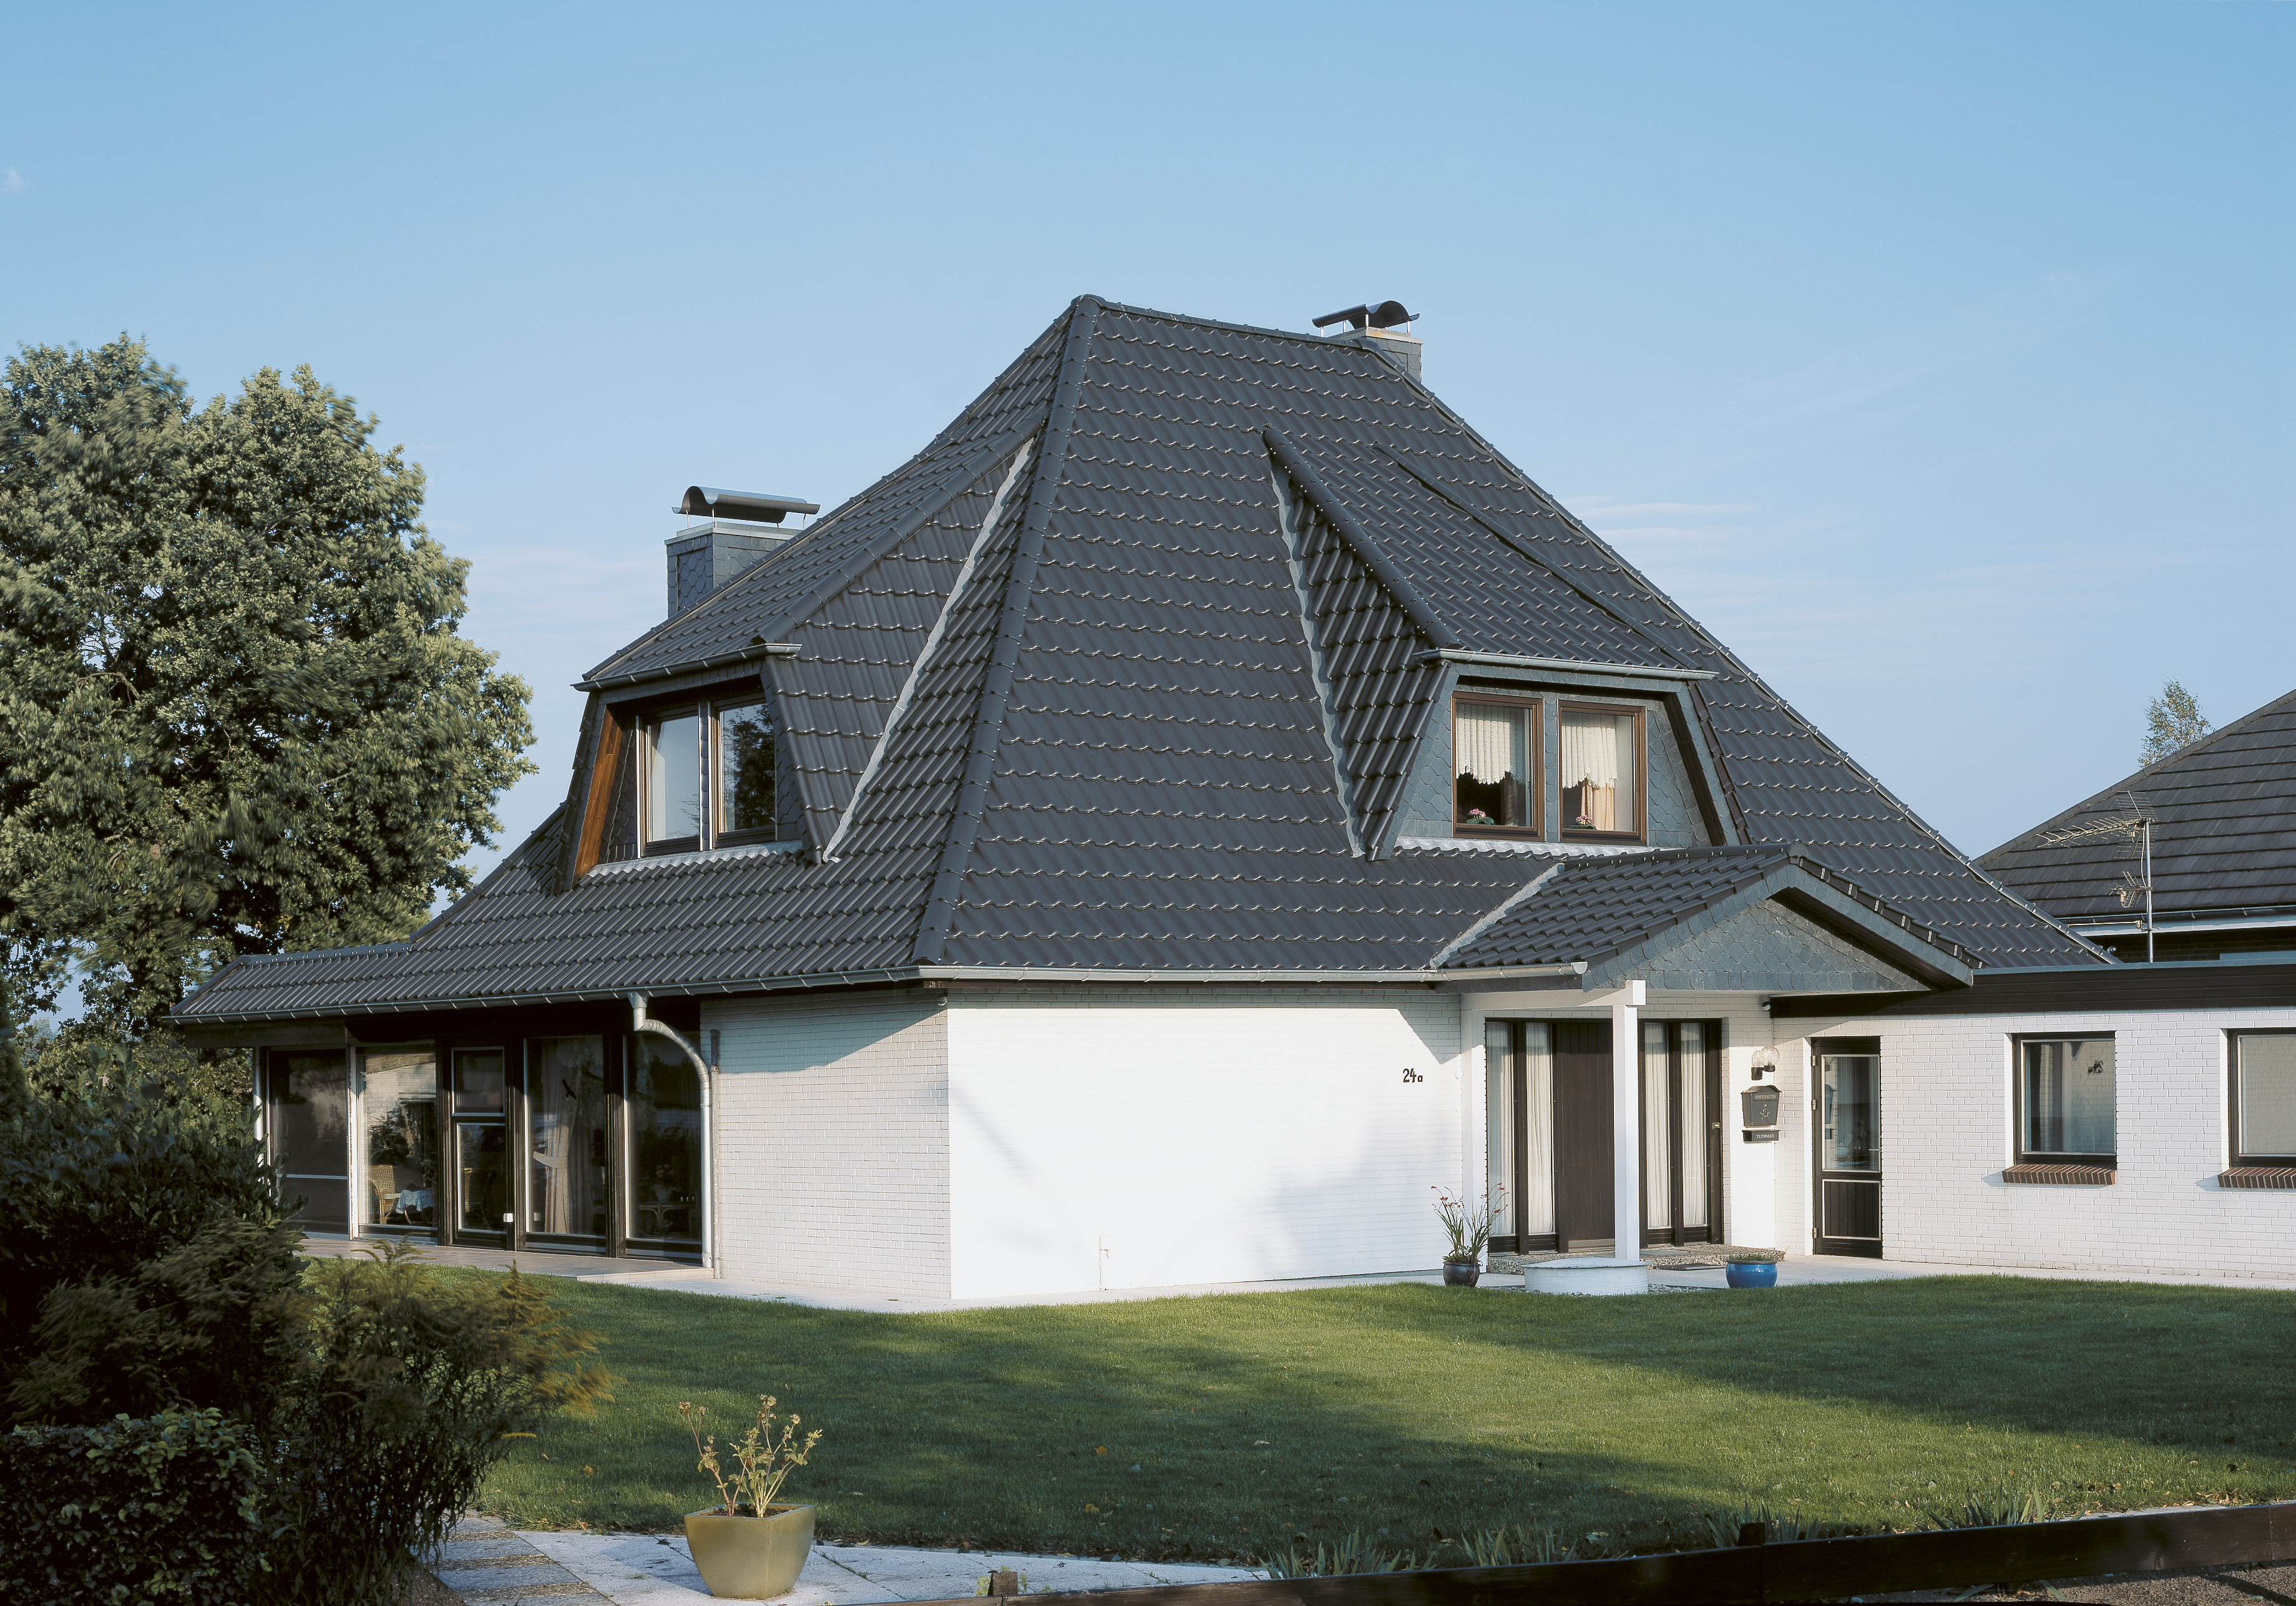 Гостевой домик на даче проекты фото тачки